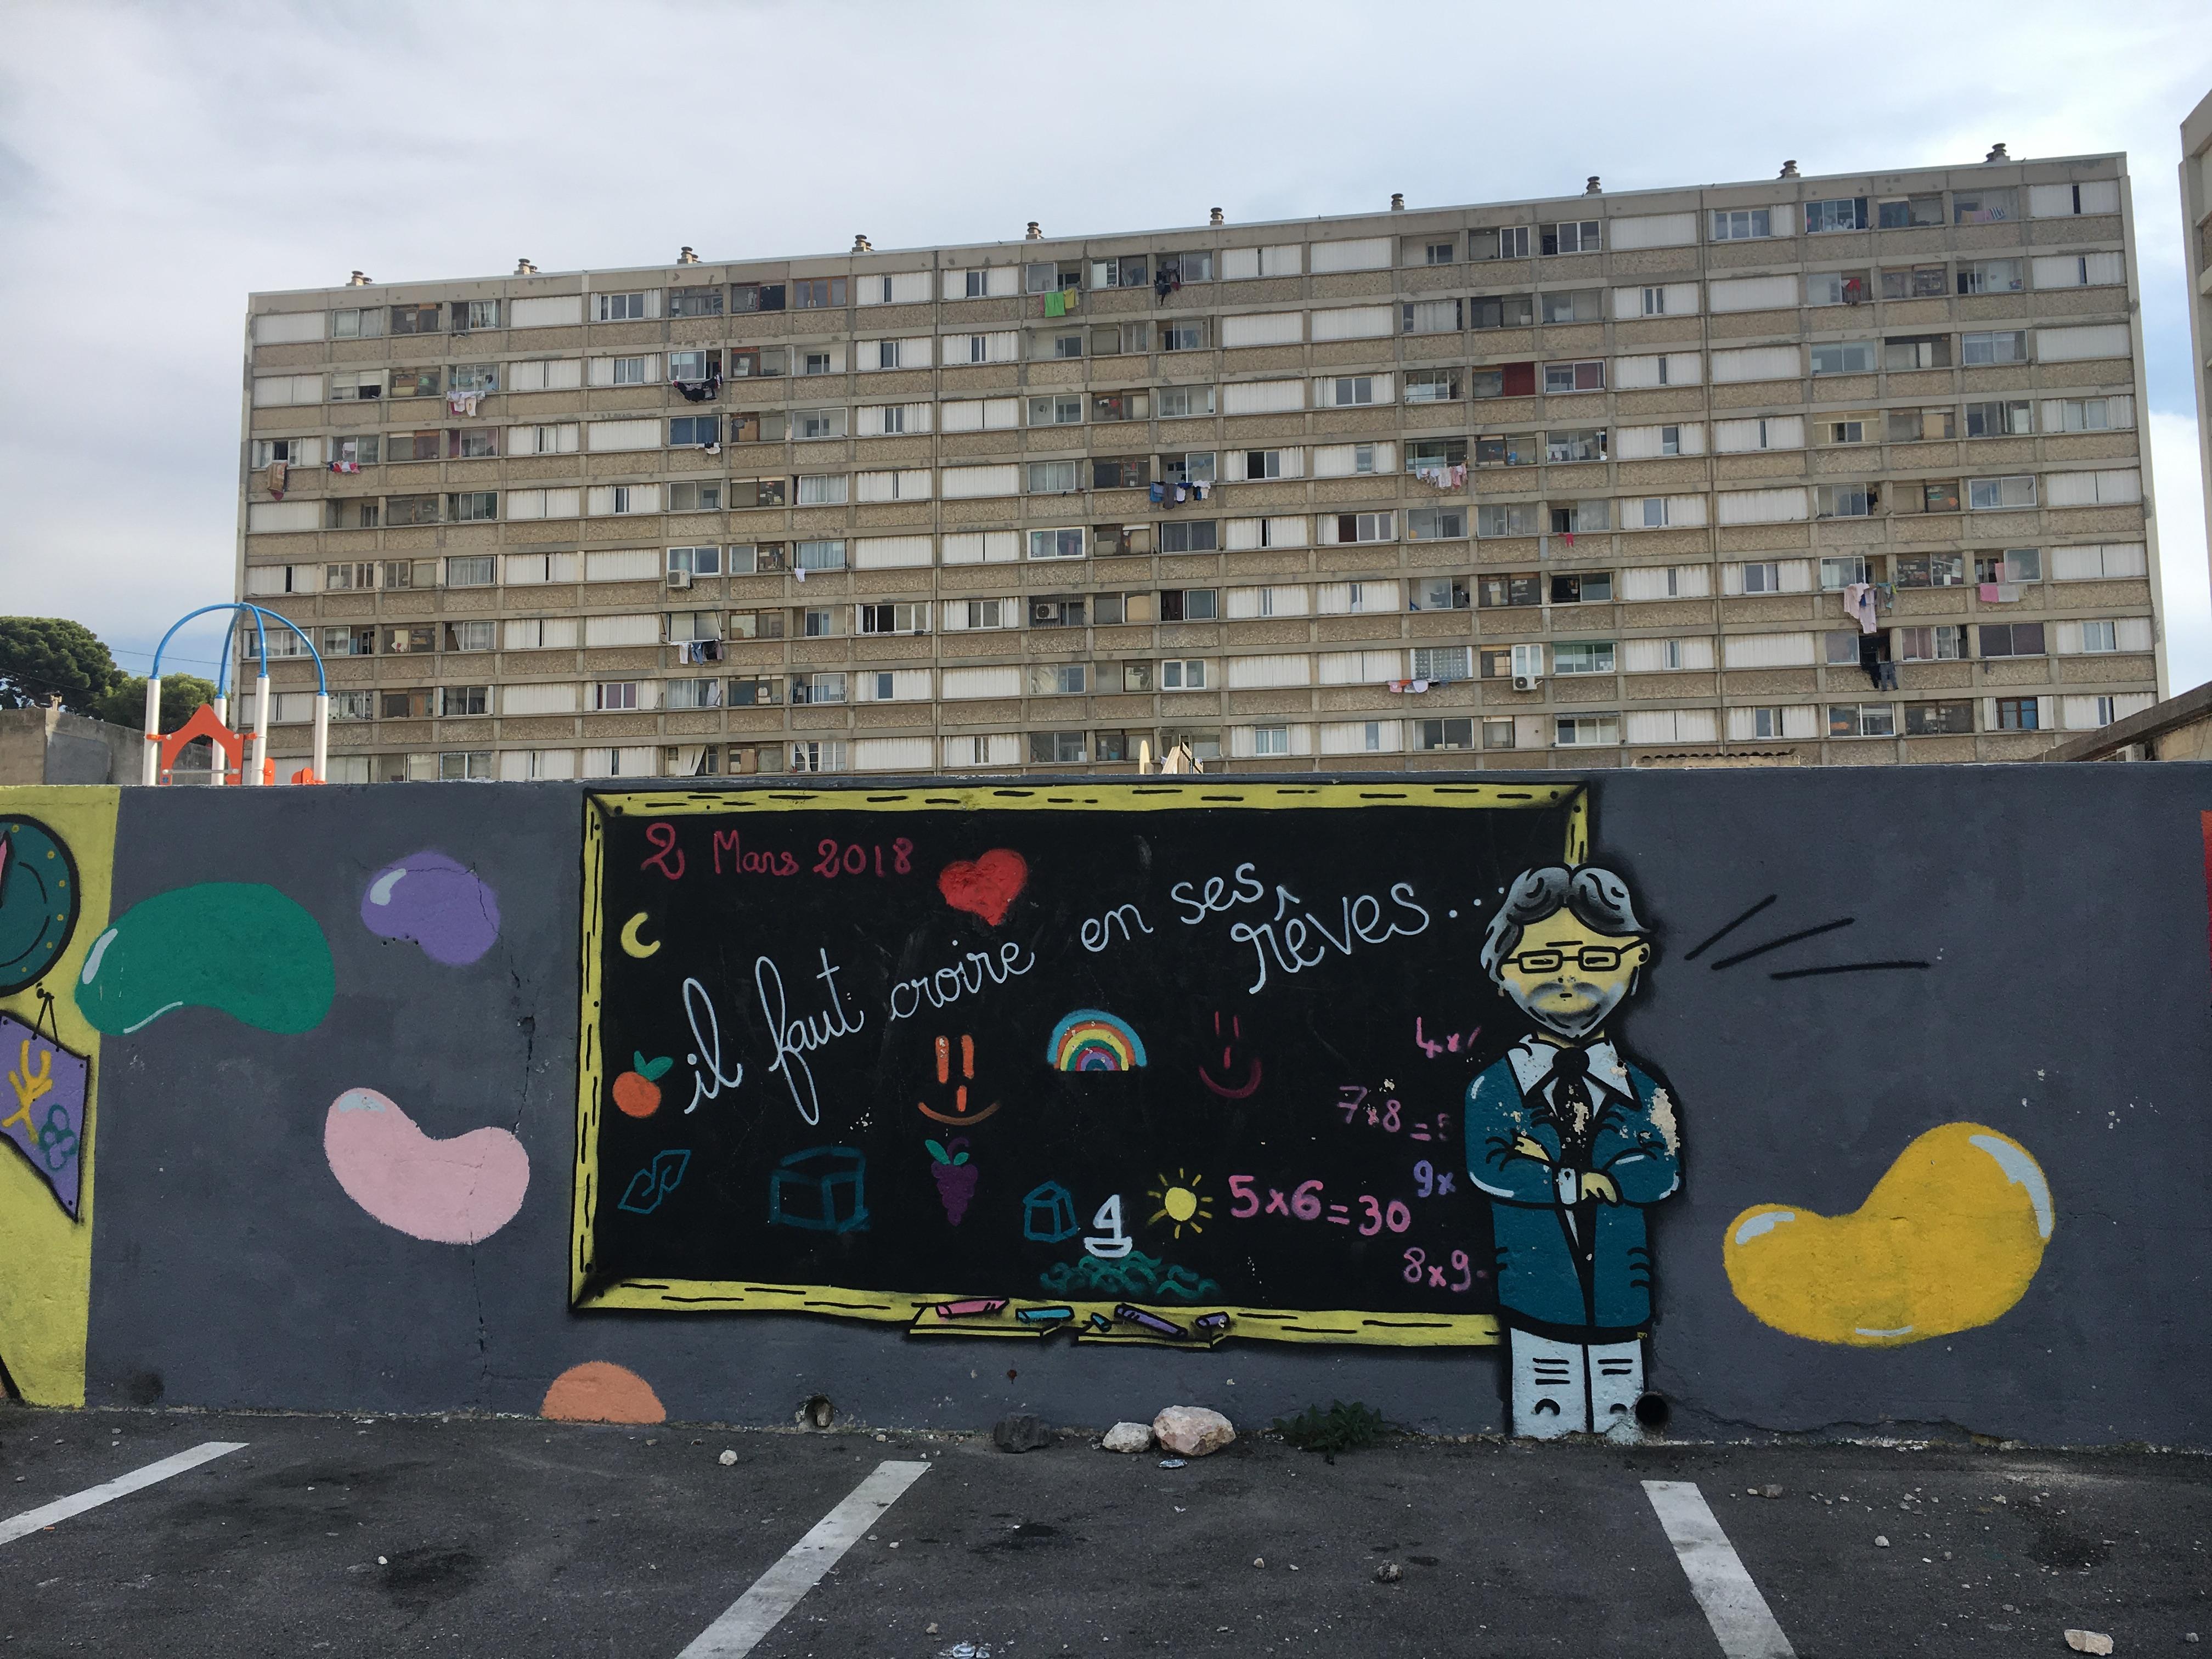 Francia, populisti ma rossi. A Marsiglia con gli attivisti di Mélenchon nel quartiere off limits